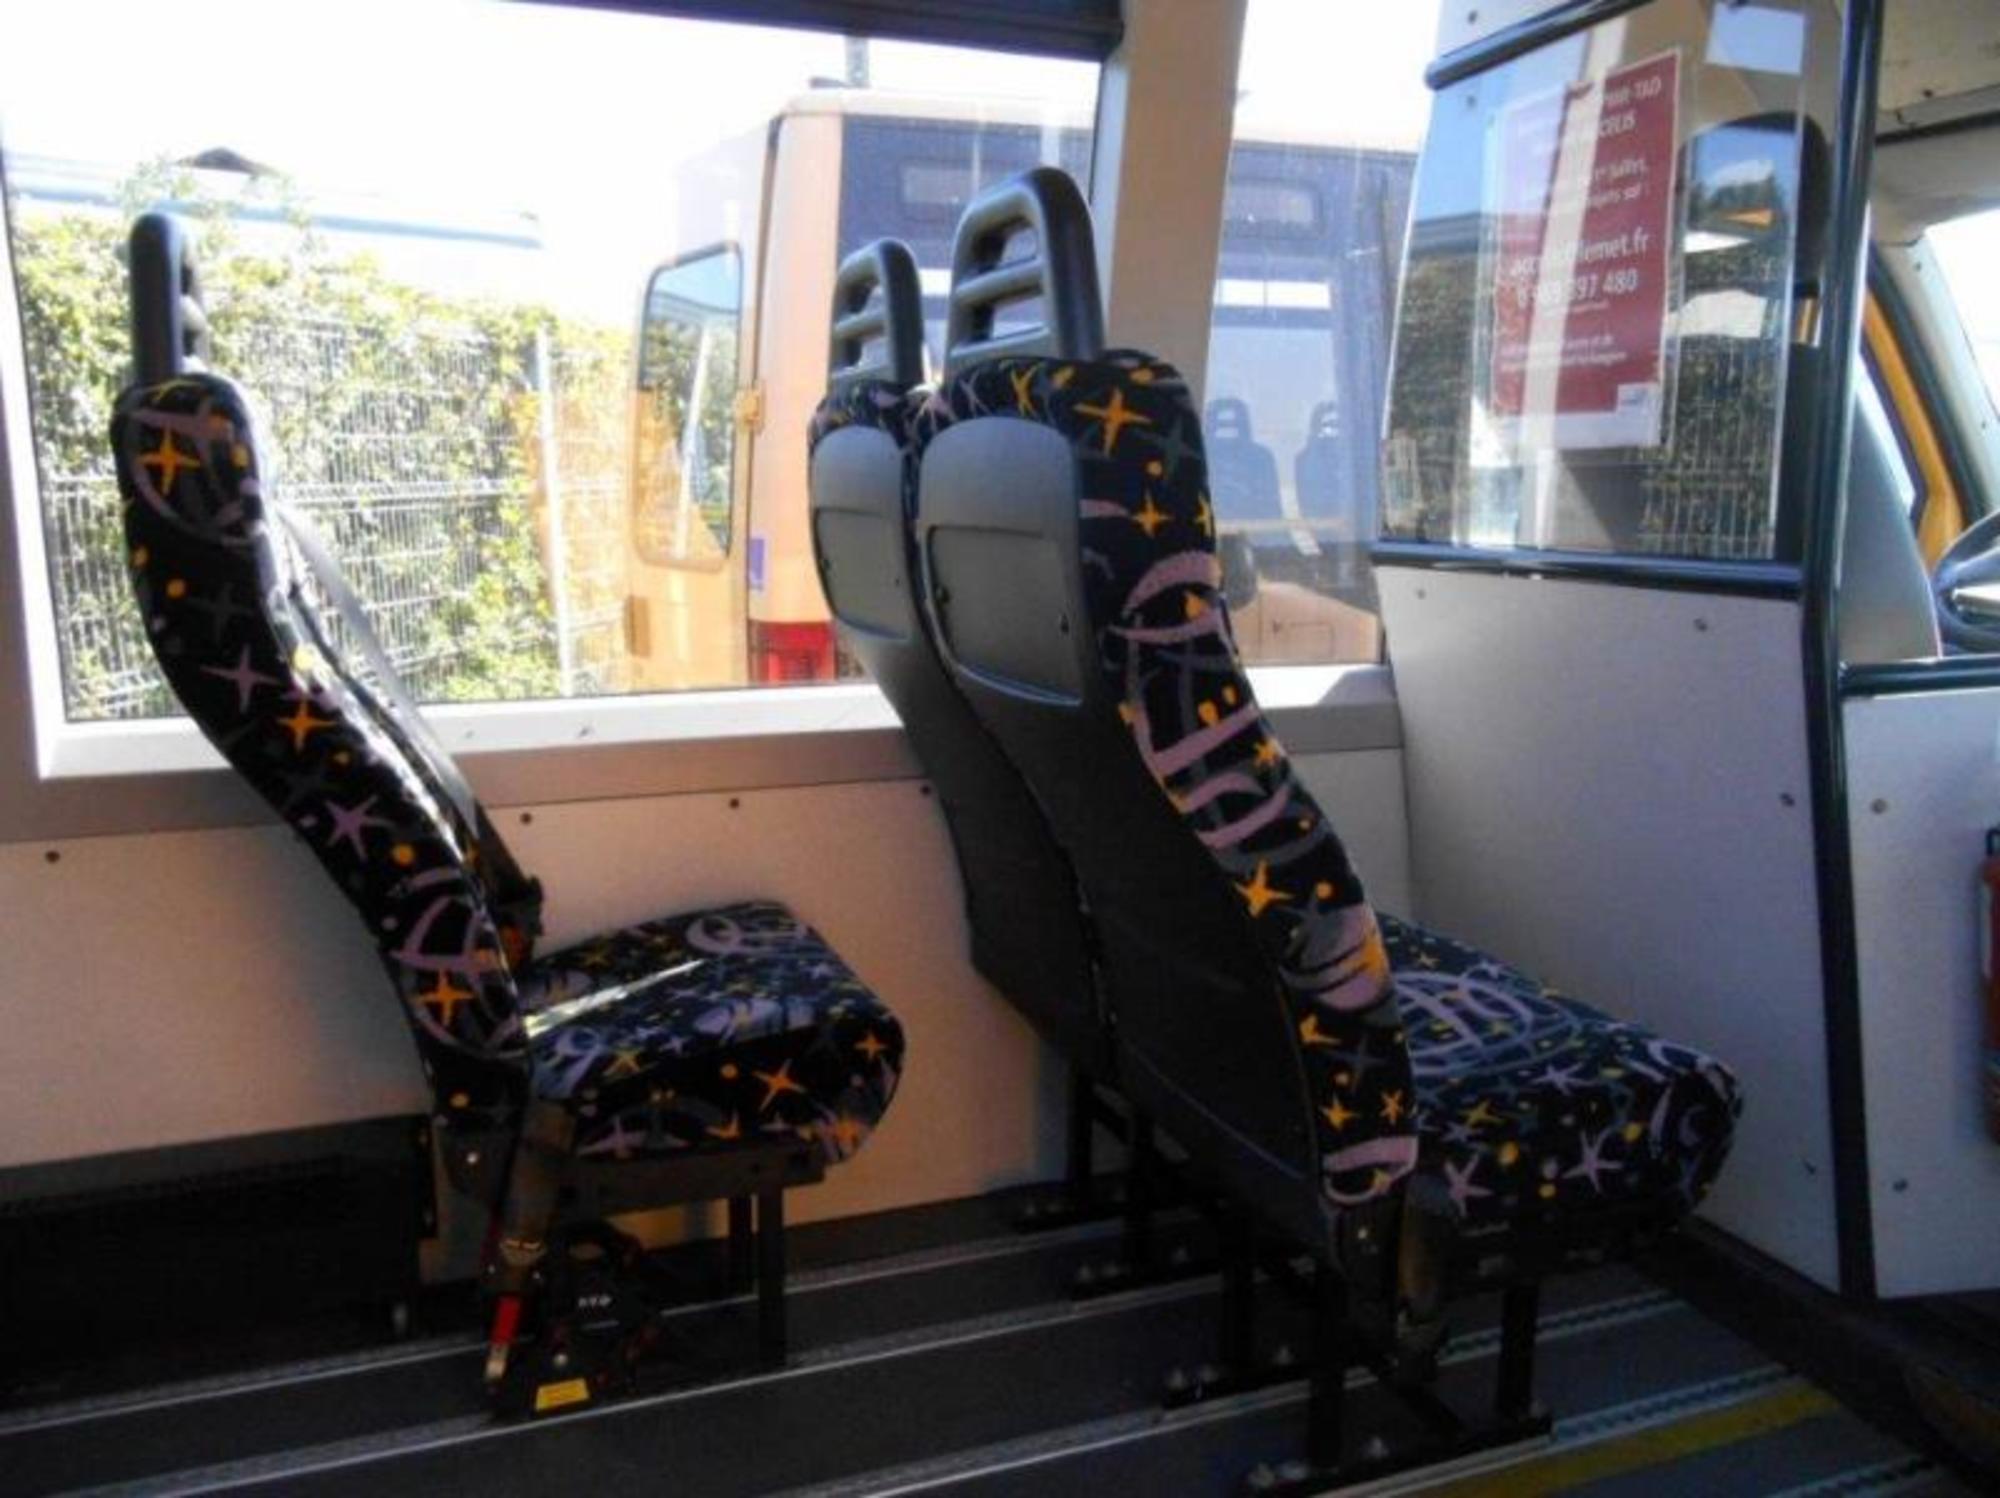 minibus citroen tpmr 0483 car bus d 39 occasion aux ench res agorastore. Black Bedroom Furniture Sets. Home Design Ideas